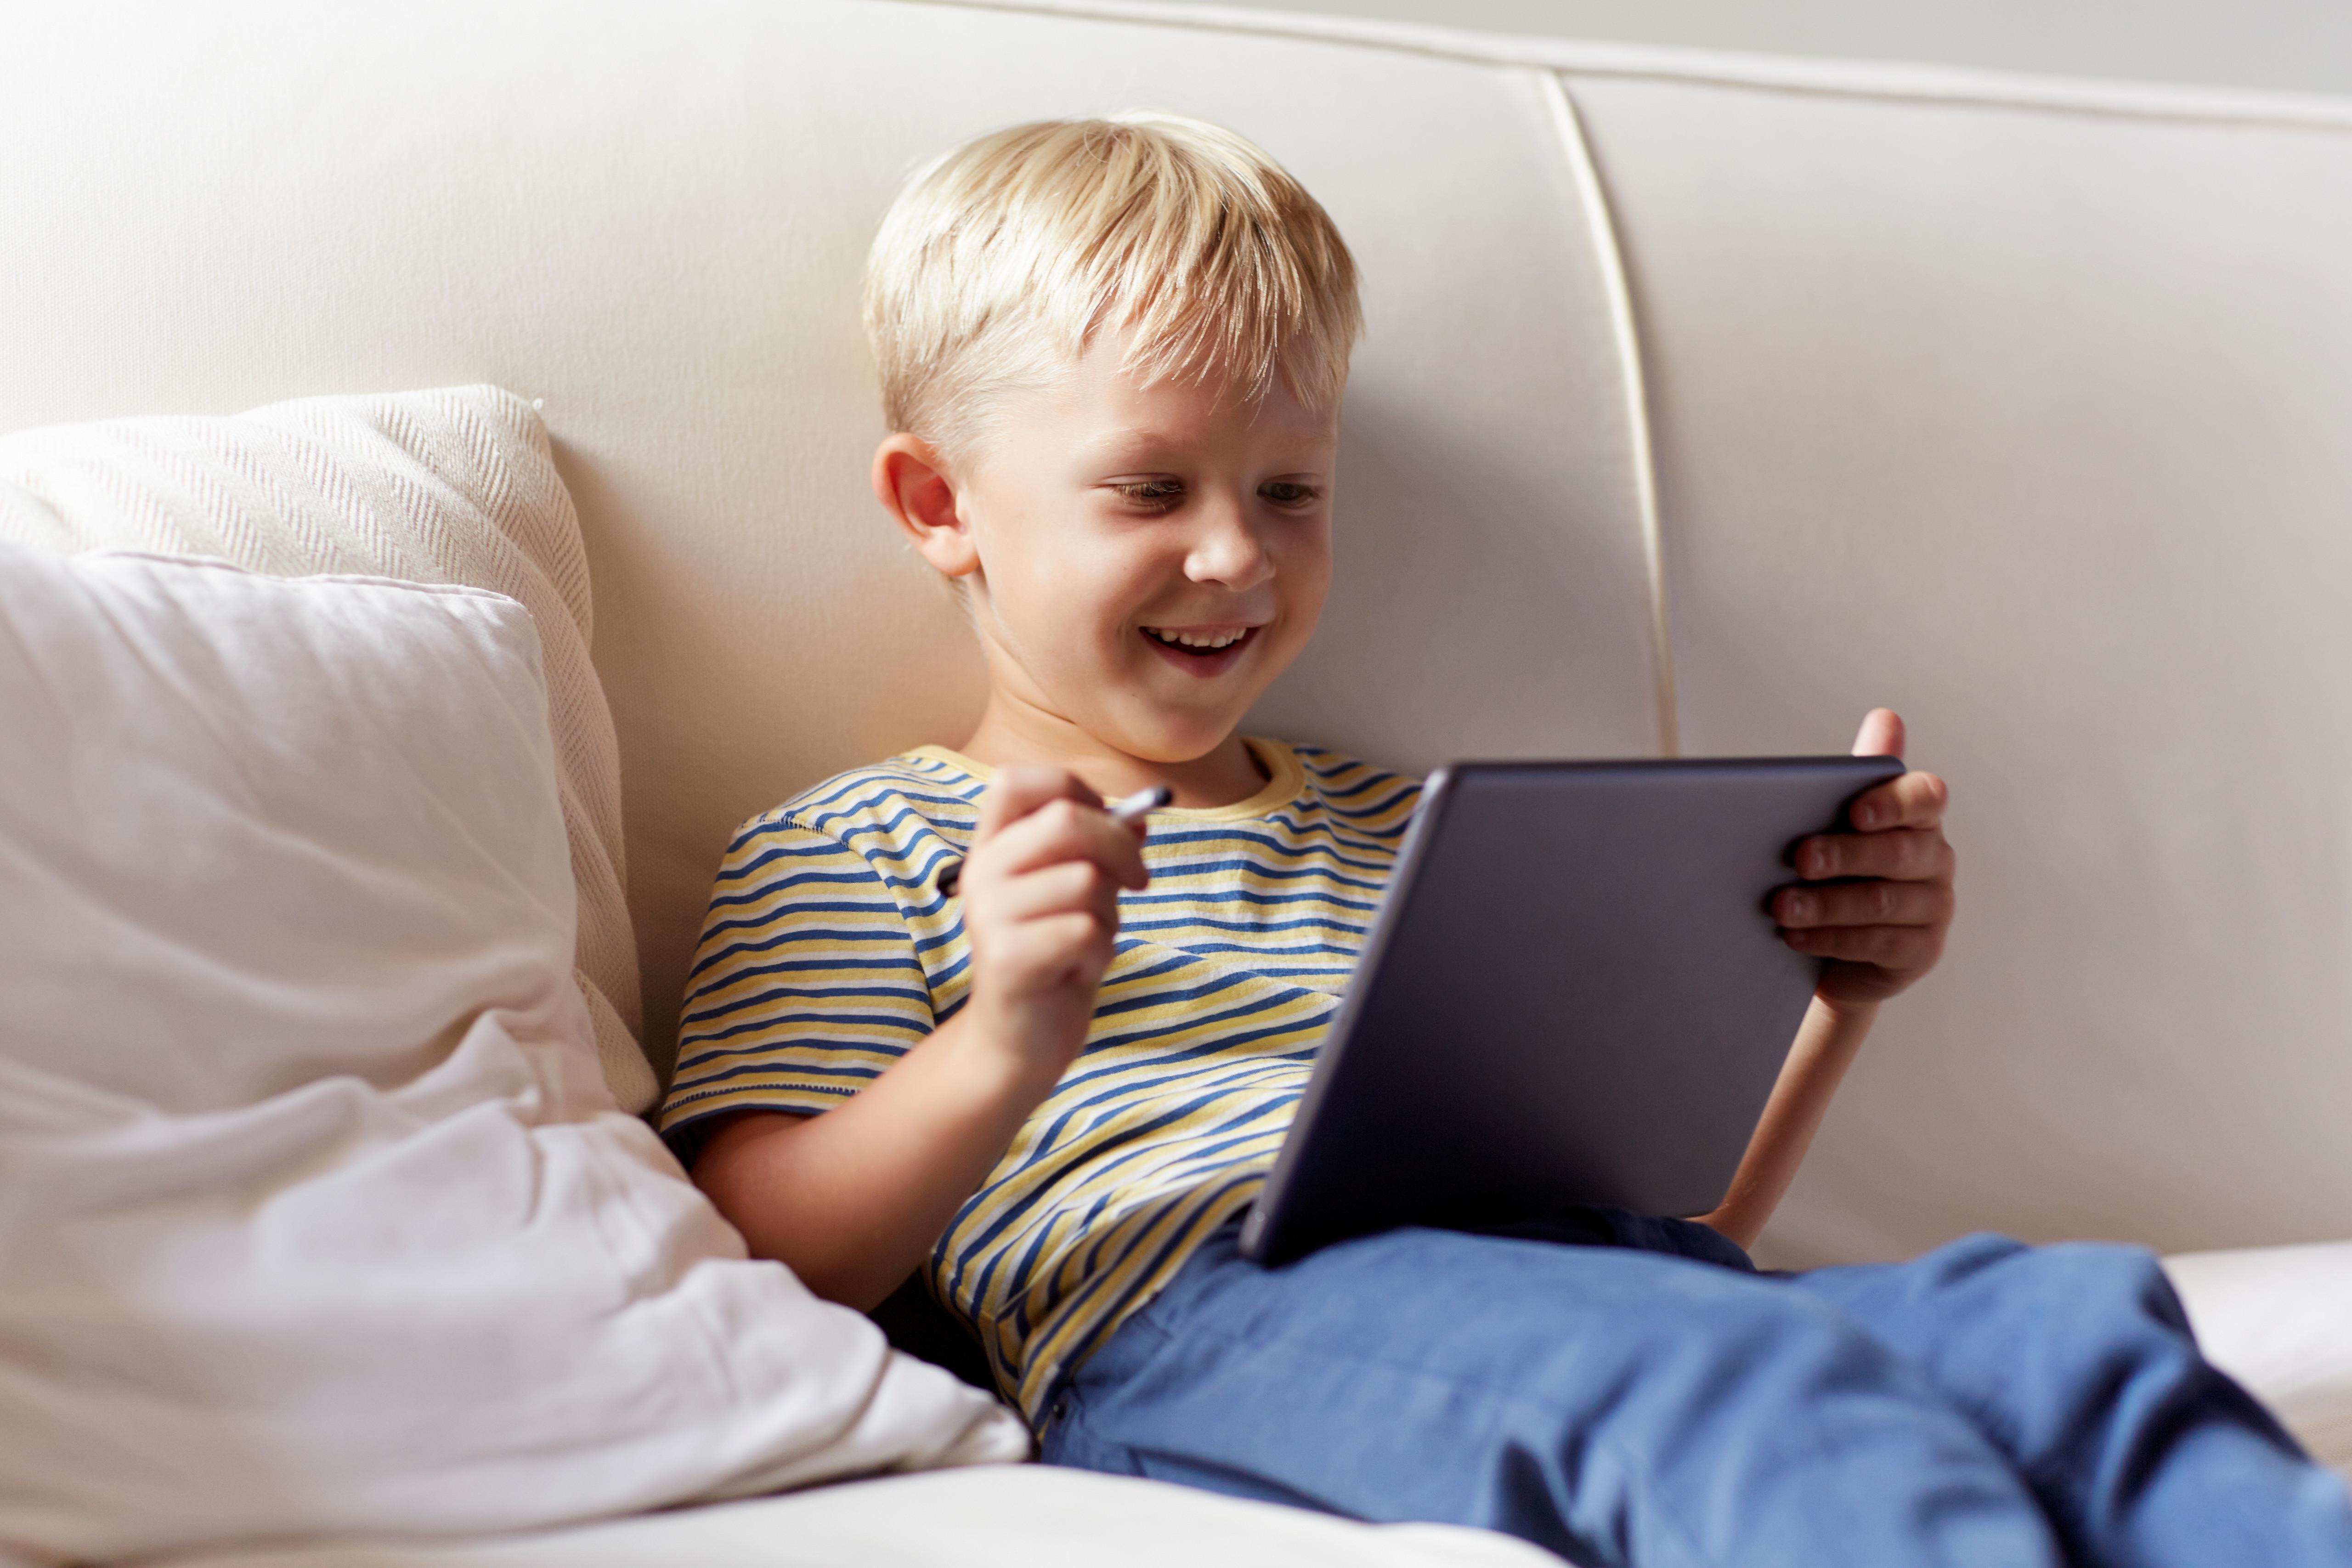 Uşaqların yuxusu tabletlərin istifadəsindən təsirlənir və smartphoneselm adamları tapdı